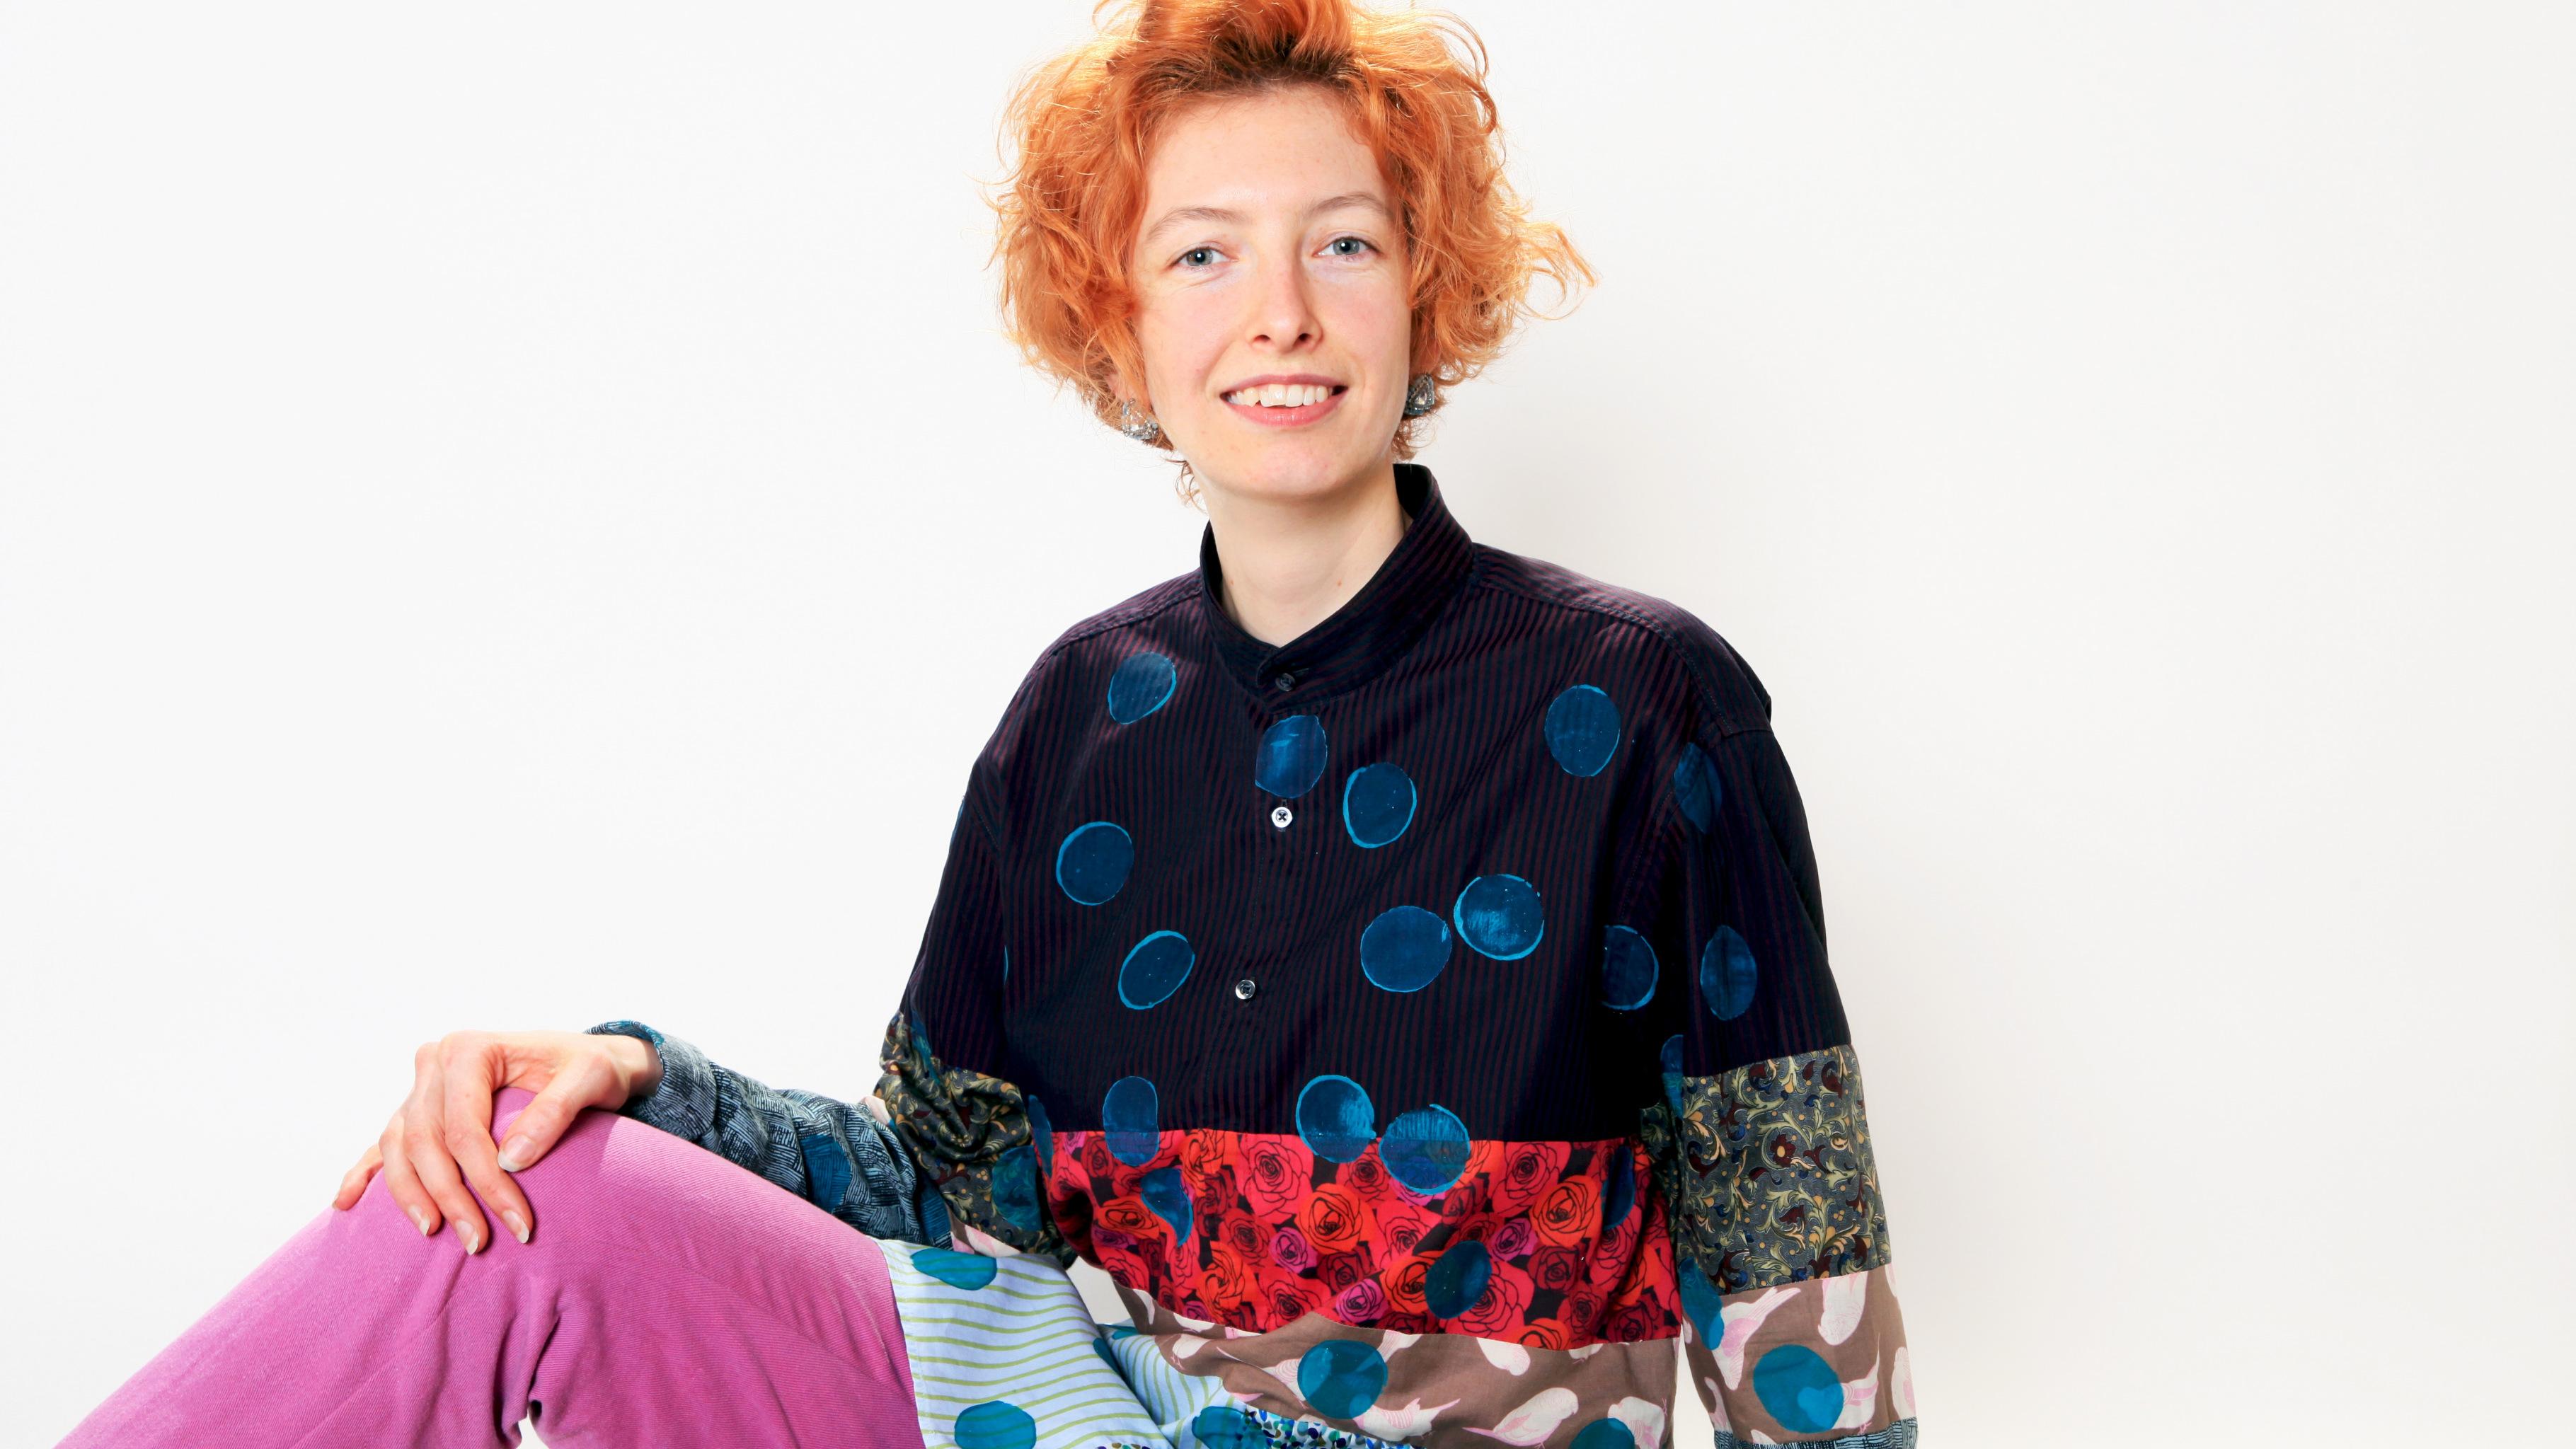 Ronja Fell zeigt ein Oberteil, das Sie aus alten Männerhemden genäht hat.